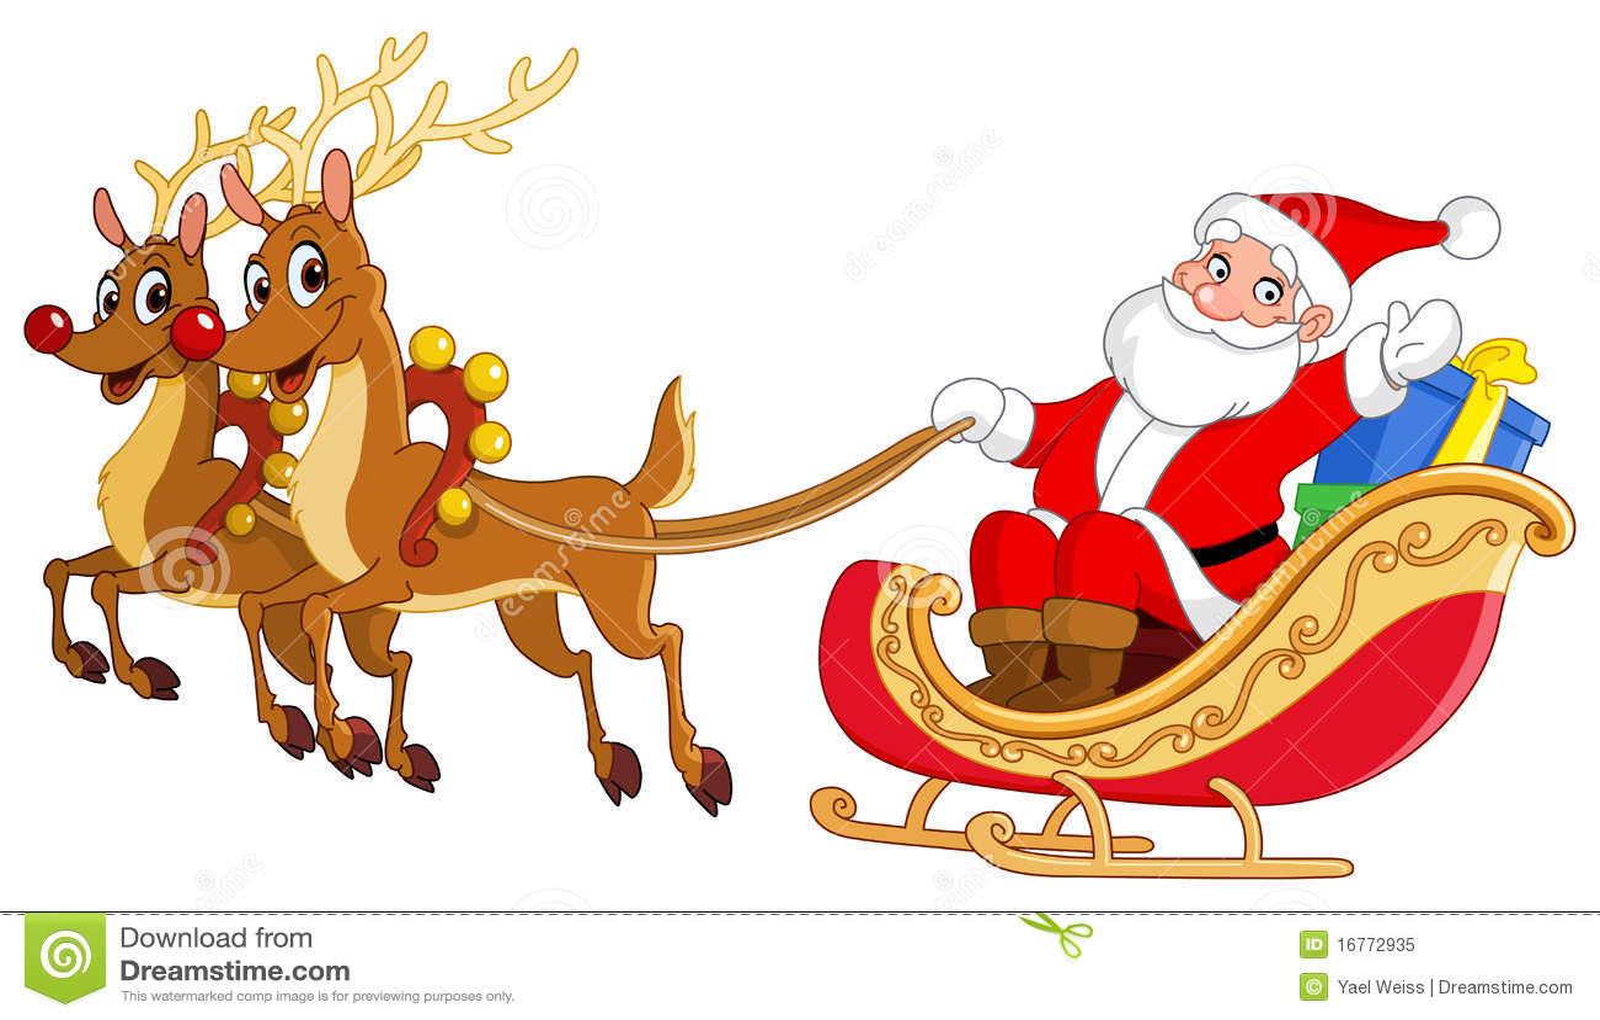 Santa sleigh santa sleigh